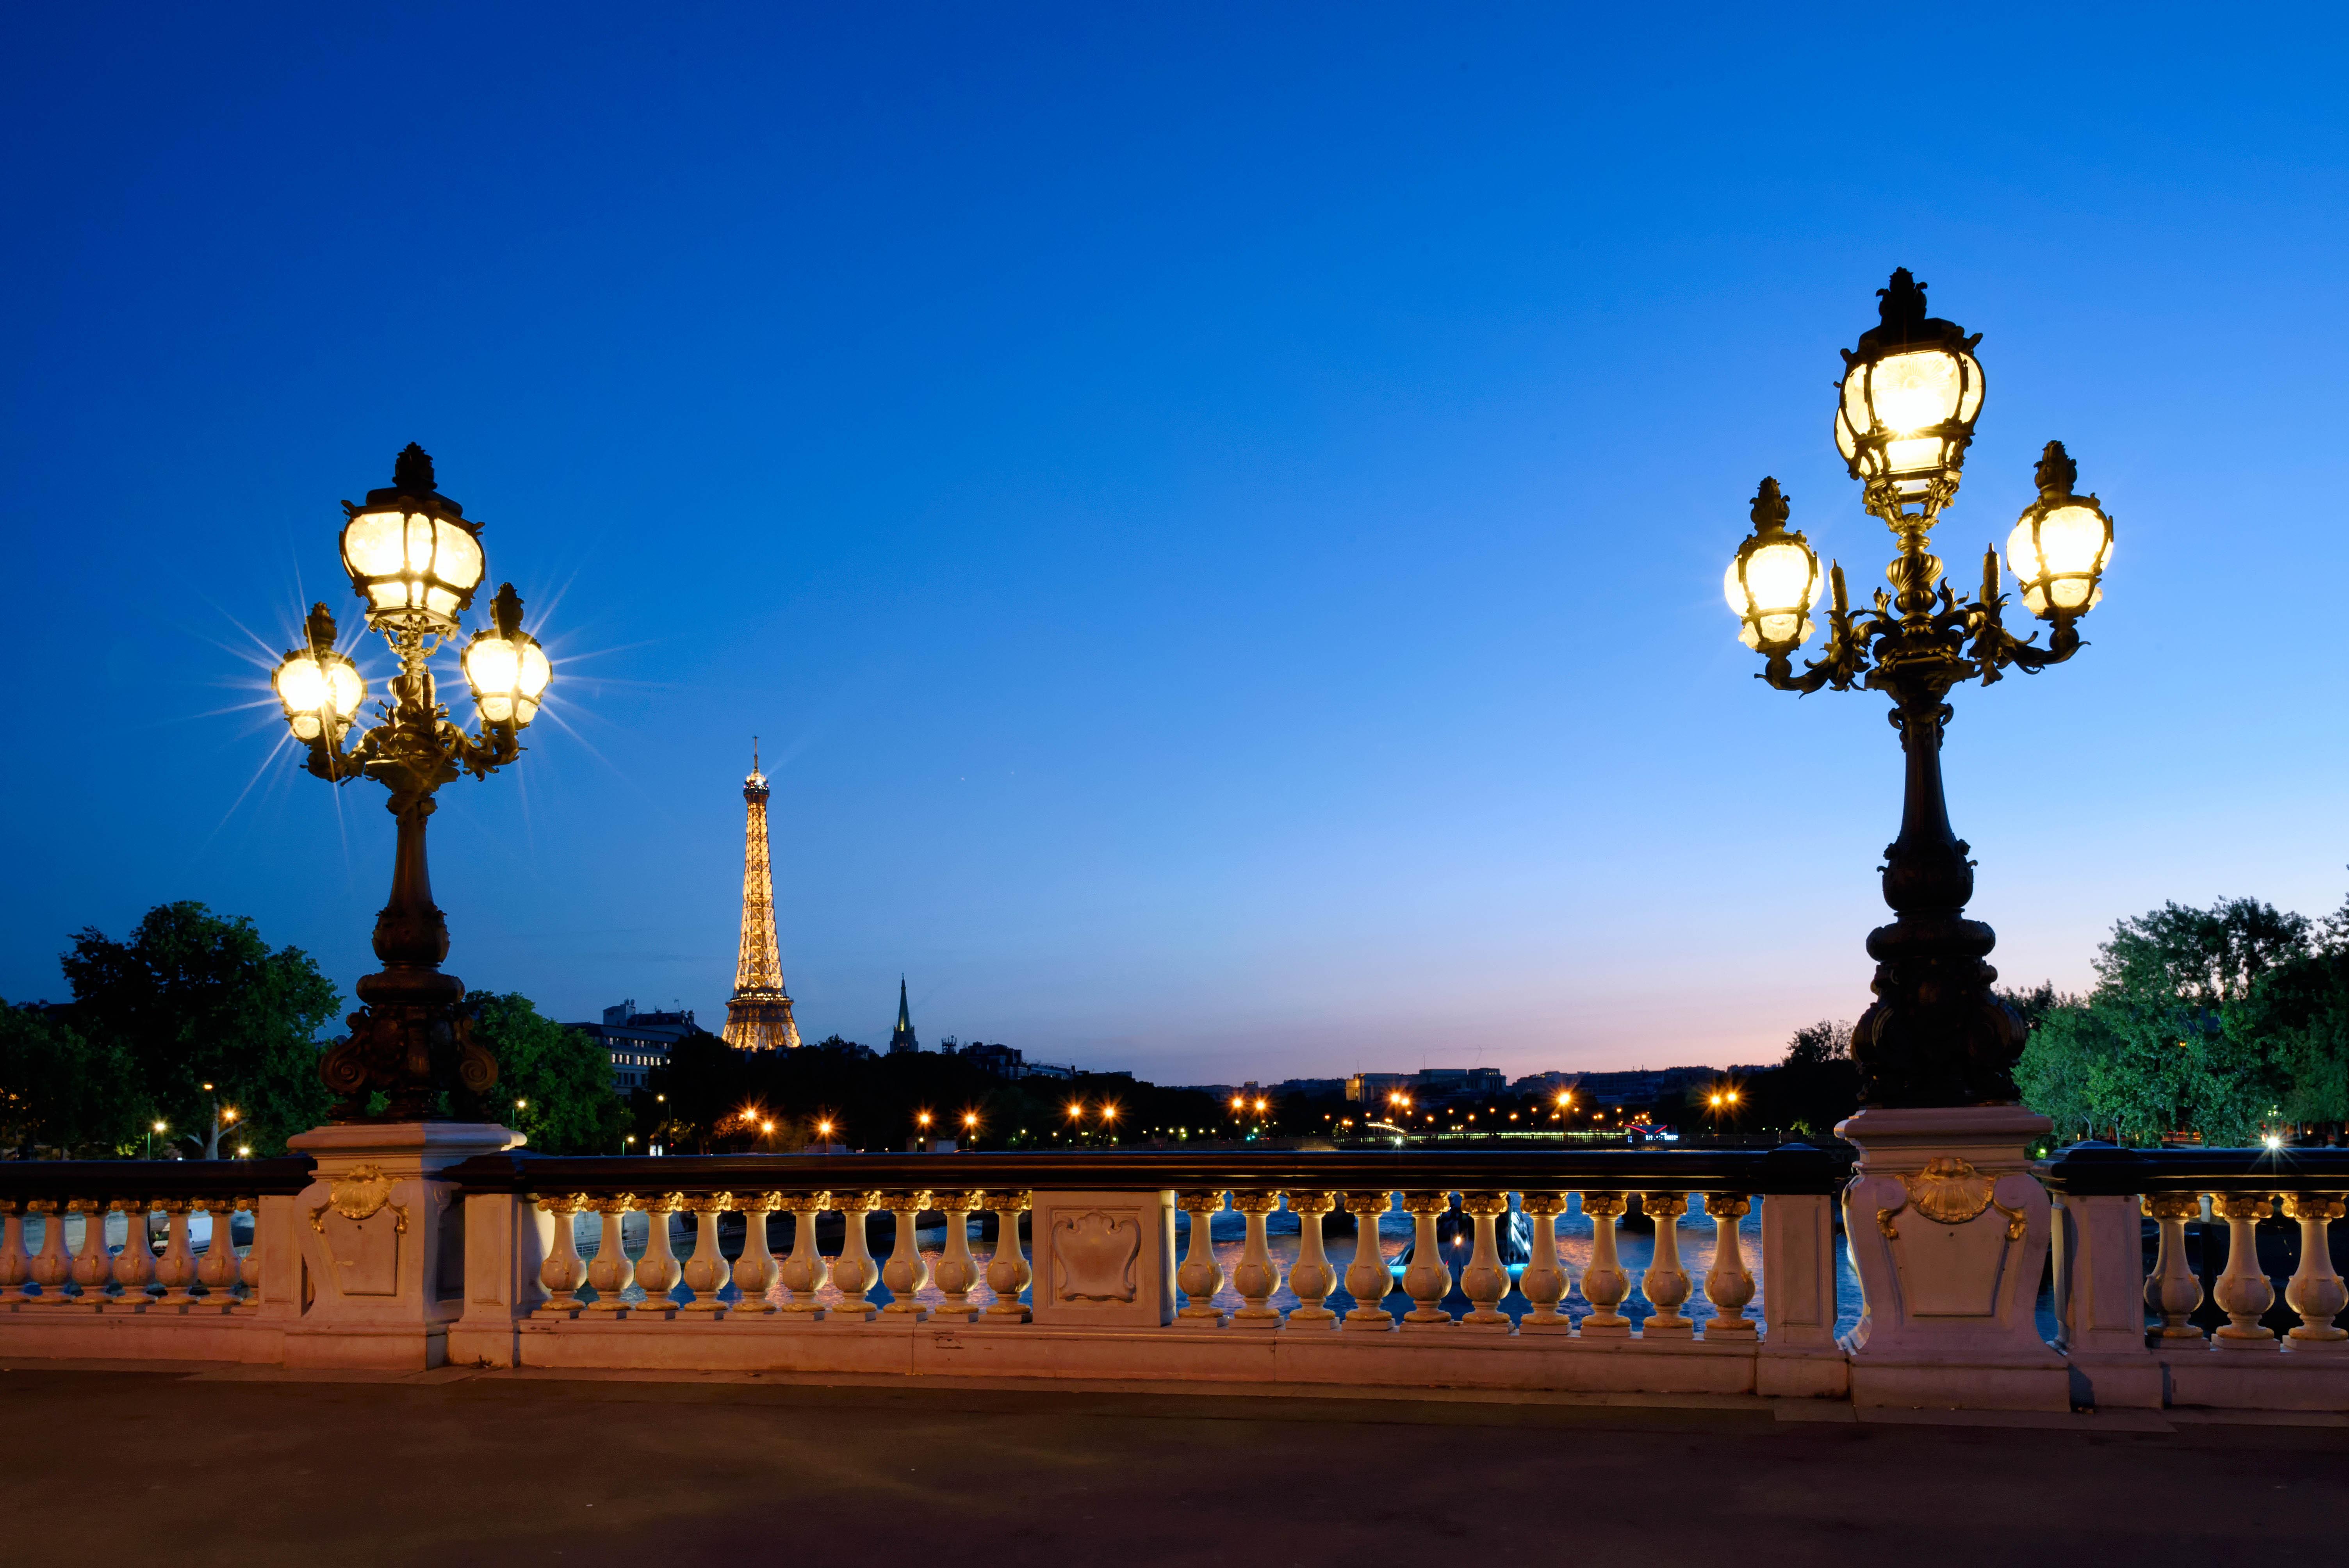 Мост Александър ІІІ и айфеловата кула